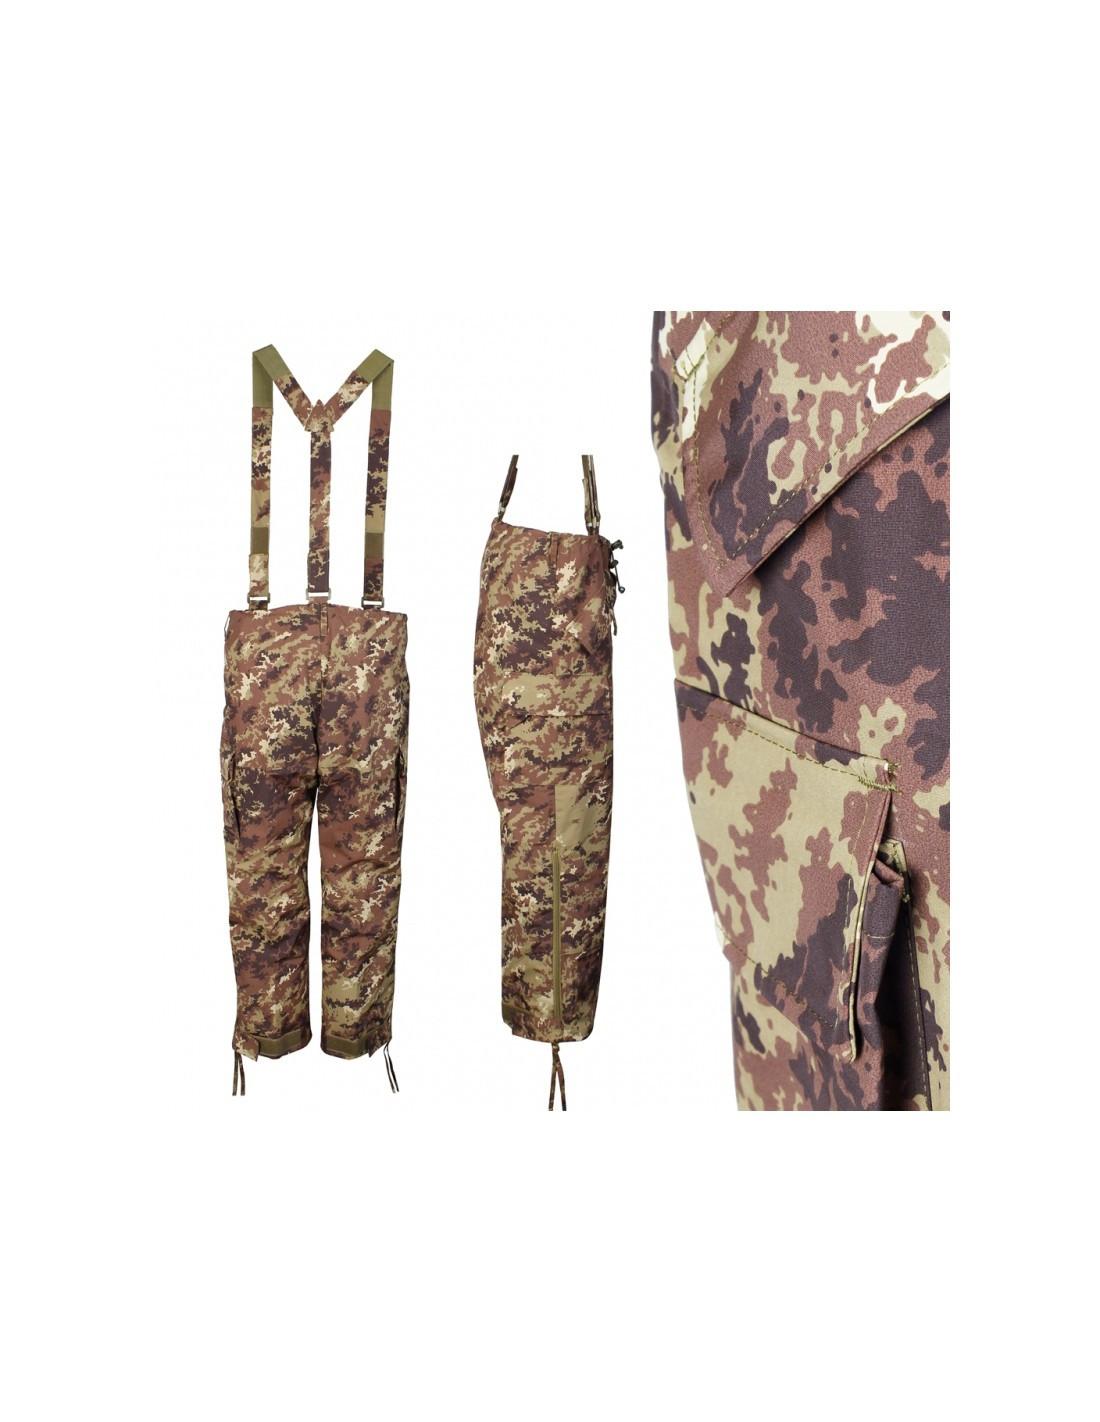 prezzo ridotto abile design ultima selezione Pantaloni militari impermeabili traspiranti con bretelle - SBB Bran...